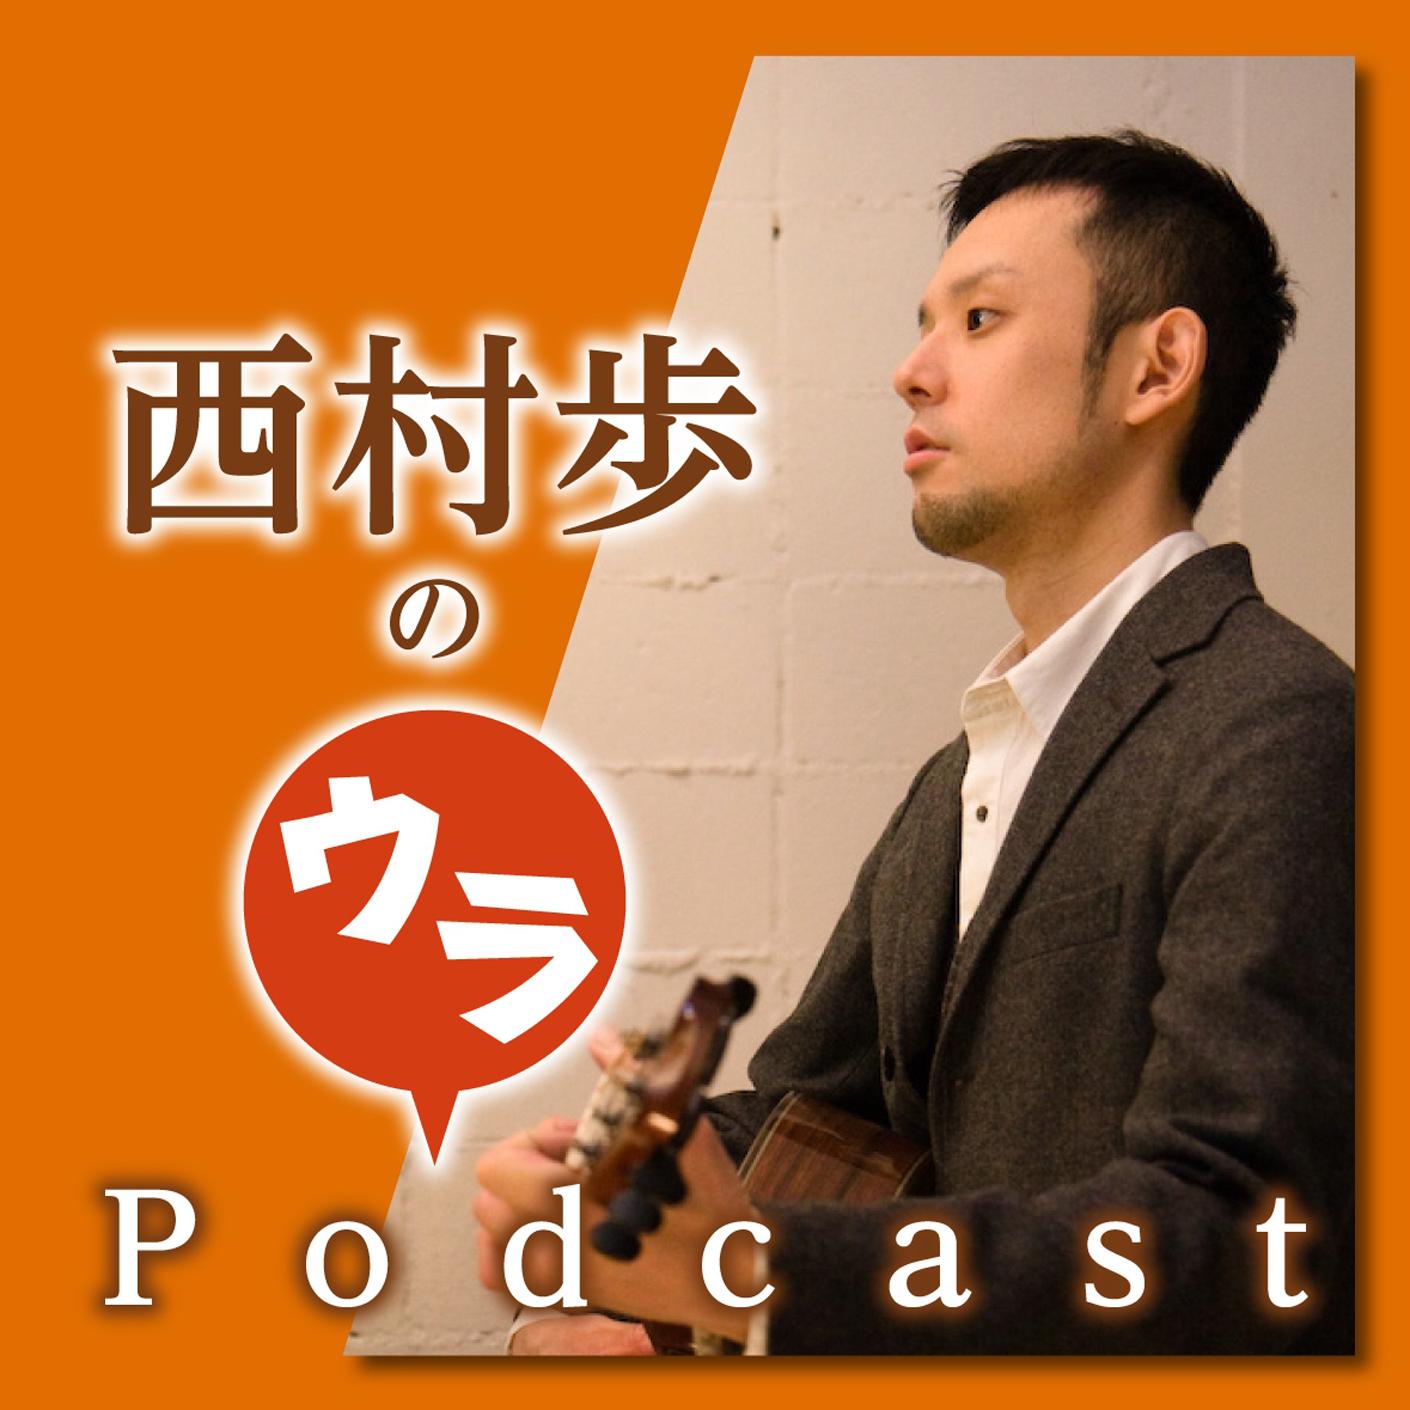 西村歩のウラPodcast